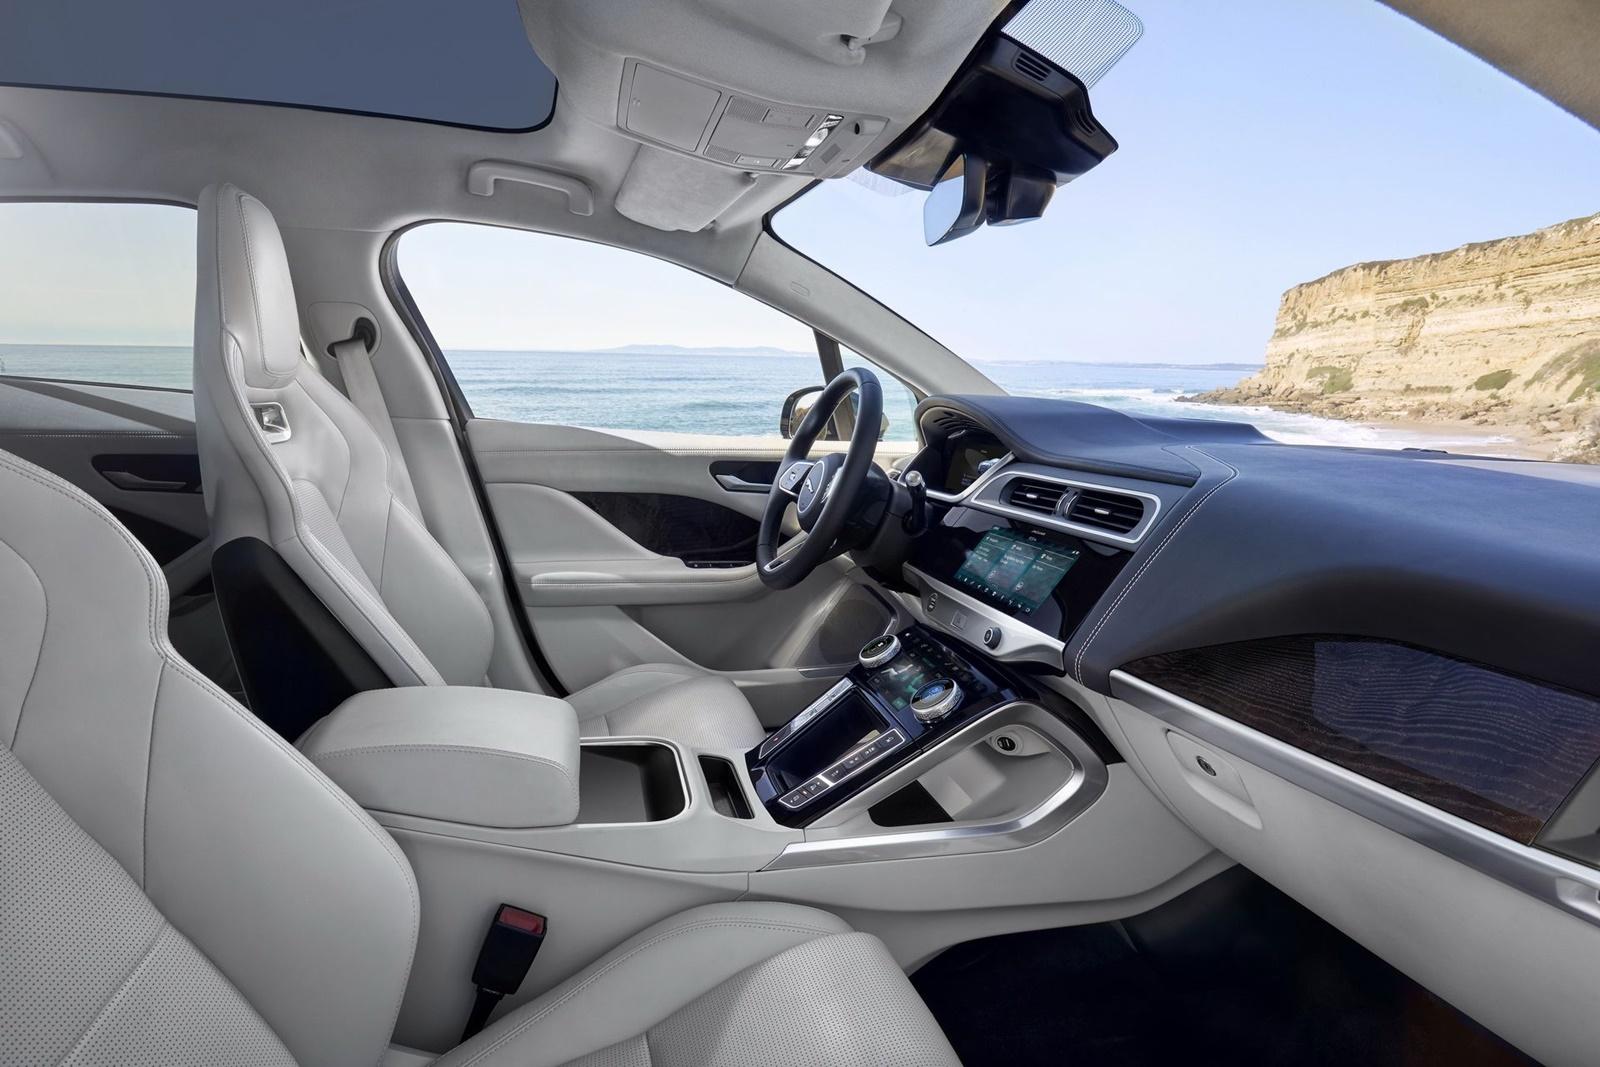 Estudio advierte en carencias de sistemas de asistencia de conducción